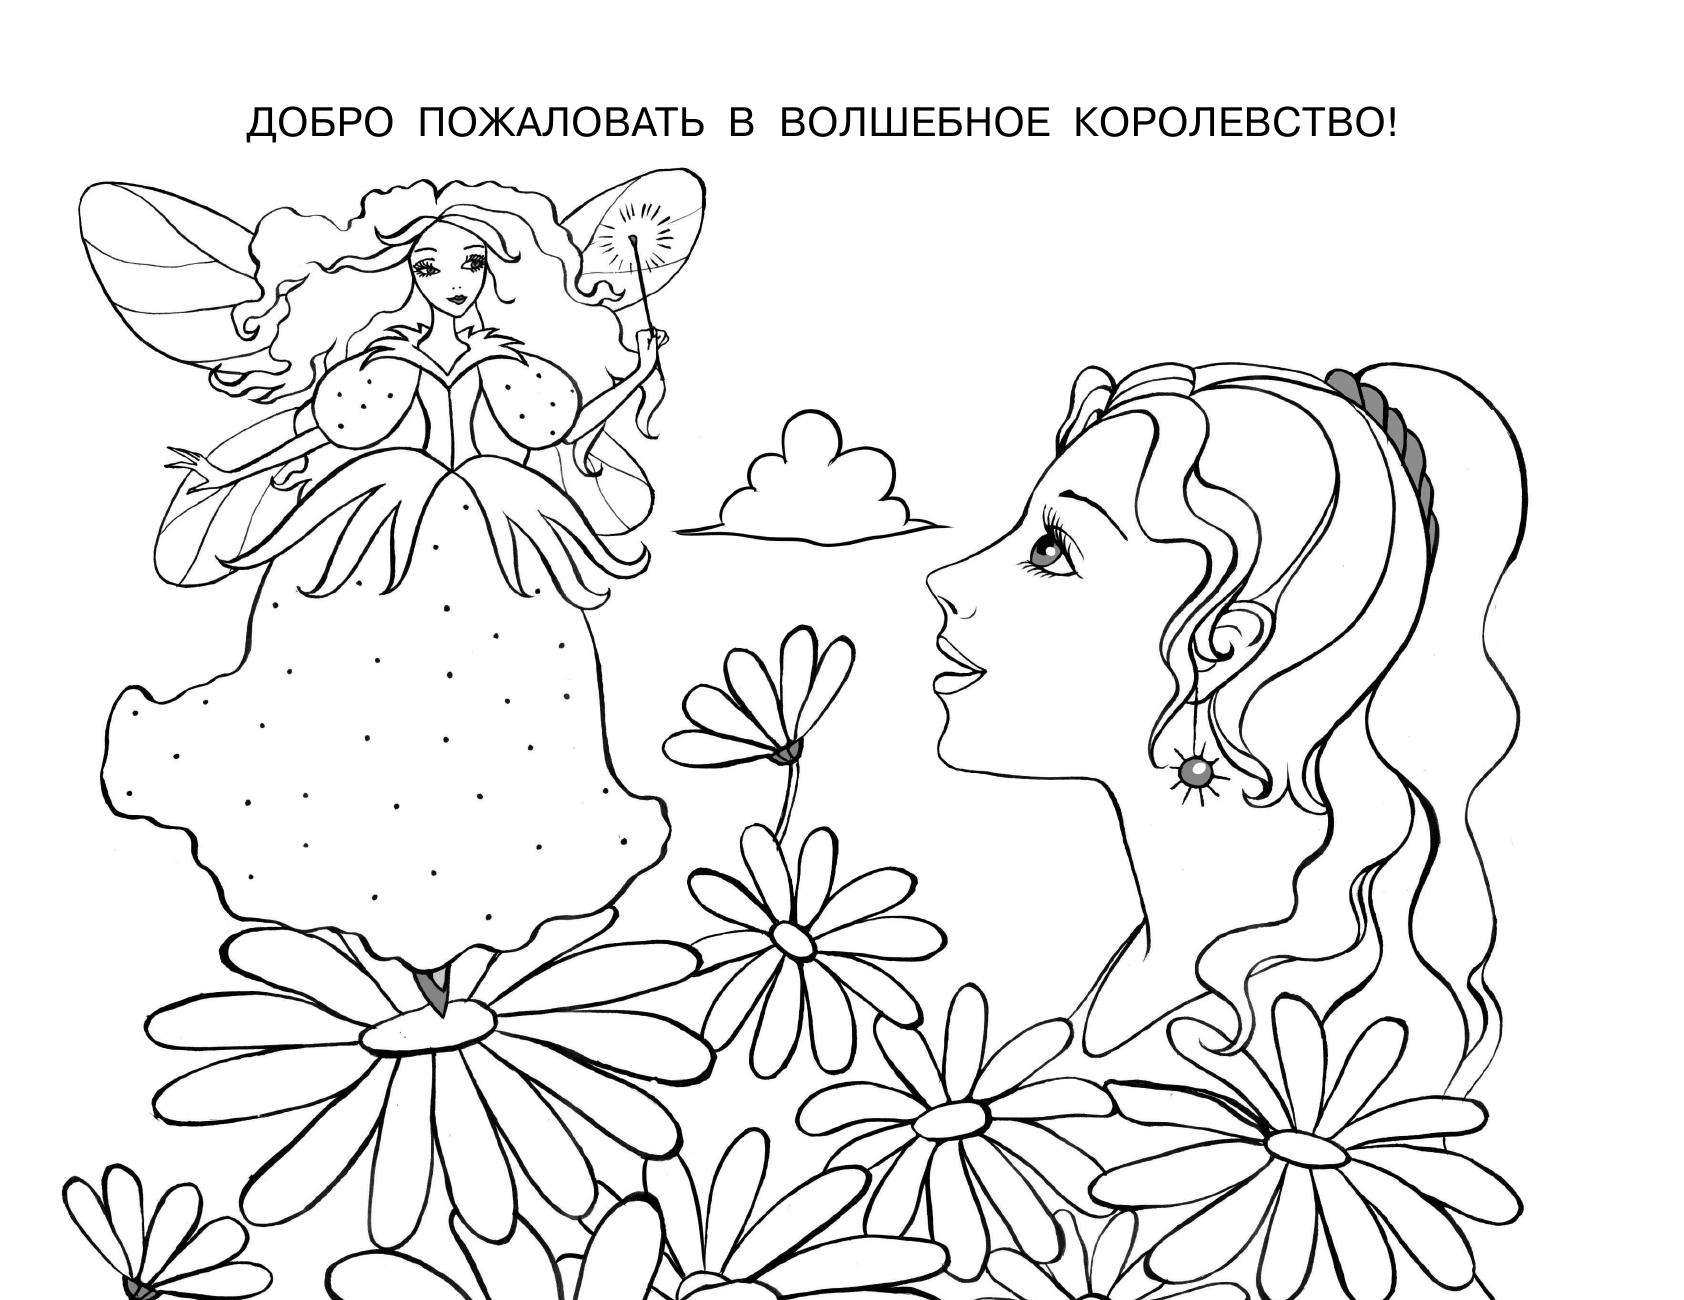 Раскраска для девочек 10 лет распечатать